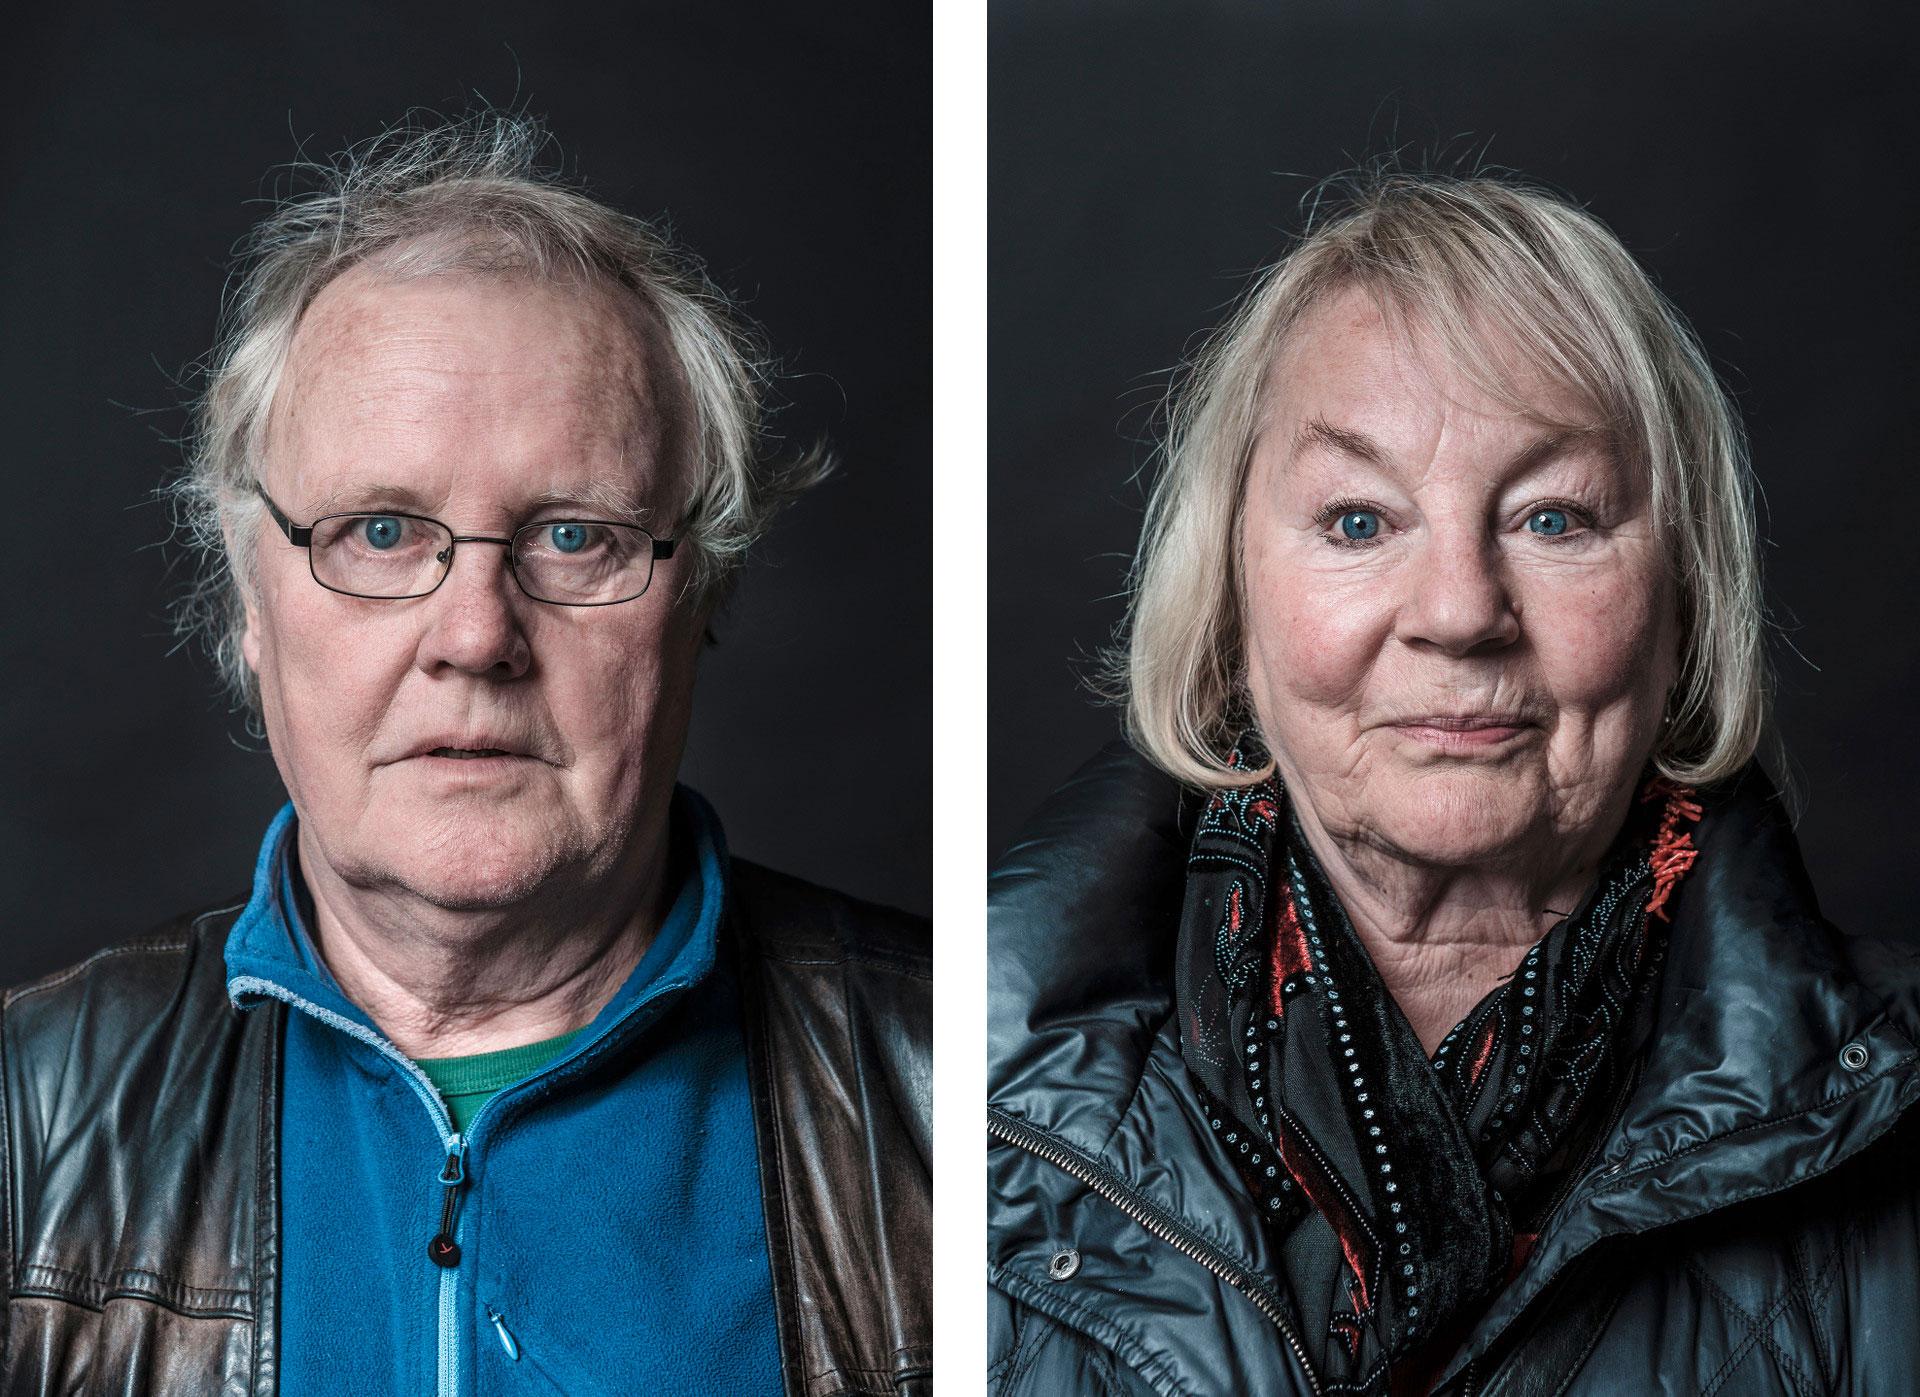 Die Portraitserie Just a Moment sind an einem Tag ungeschminkt und mit nur 1-3 Belichtungen entstanden